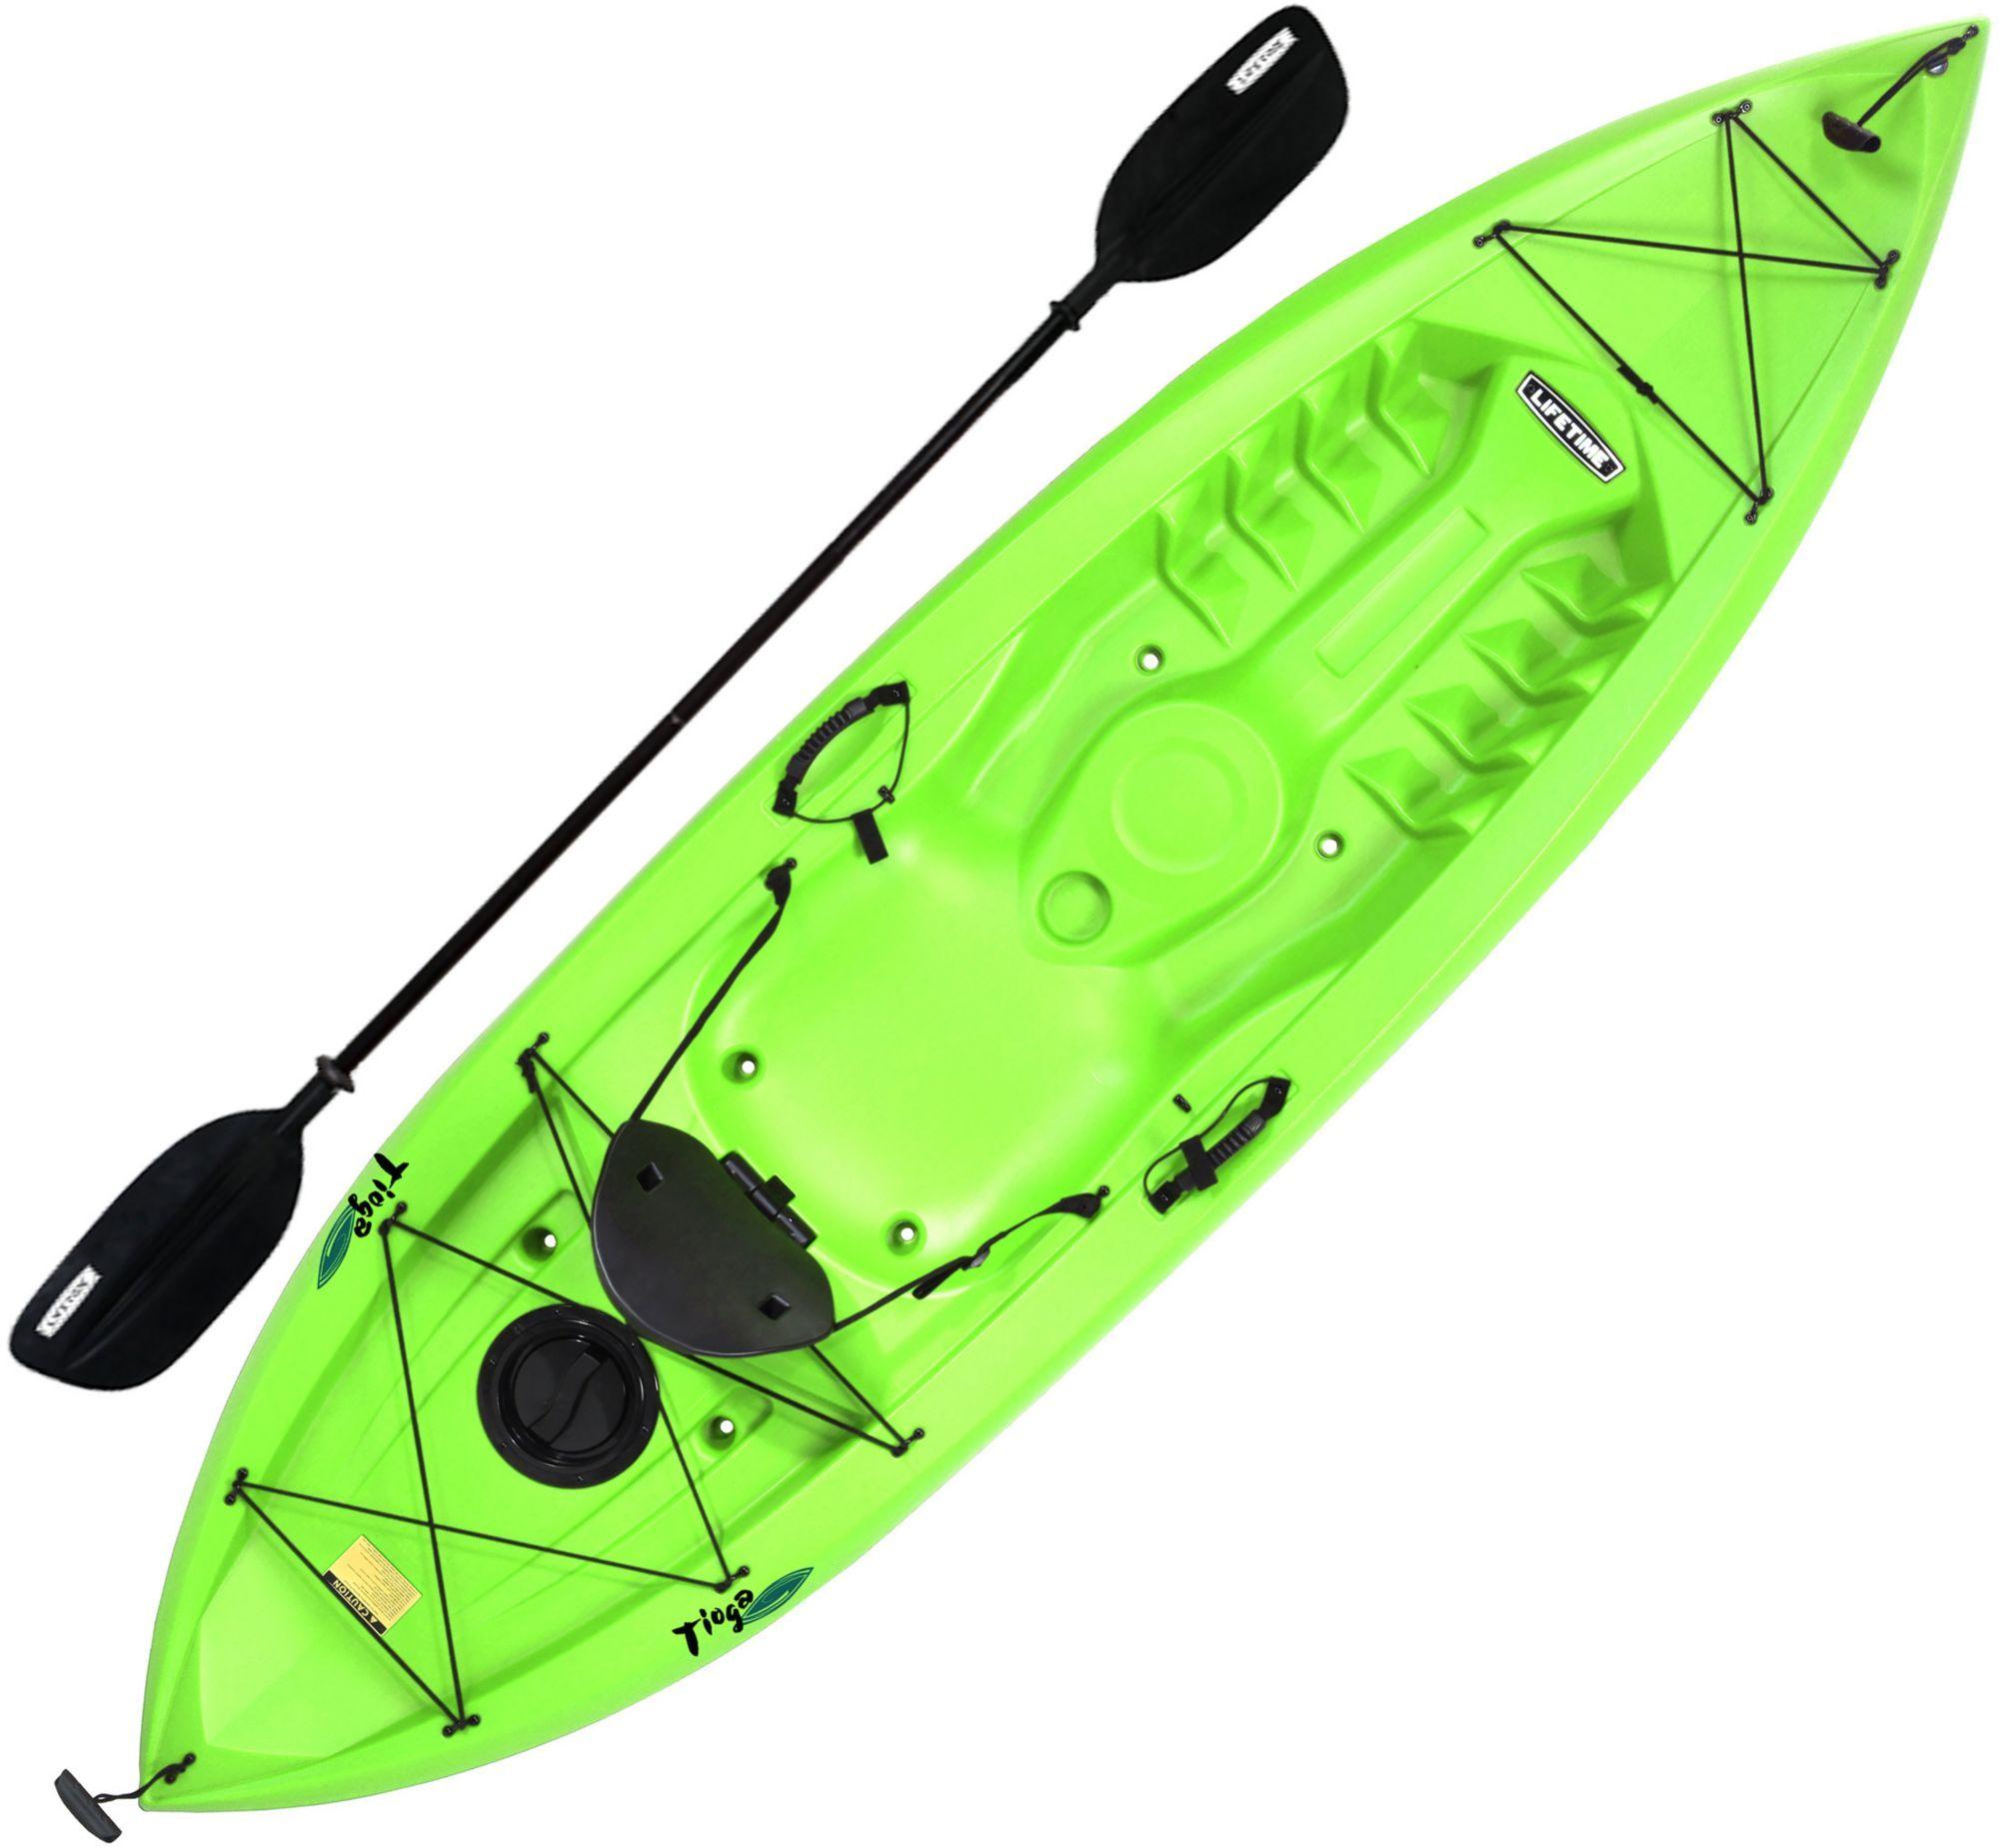 Lifetime Tioga 120 Kayak with Paddle, Green Kayaking